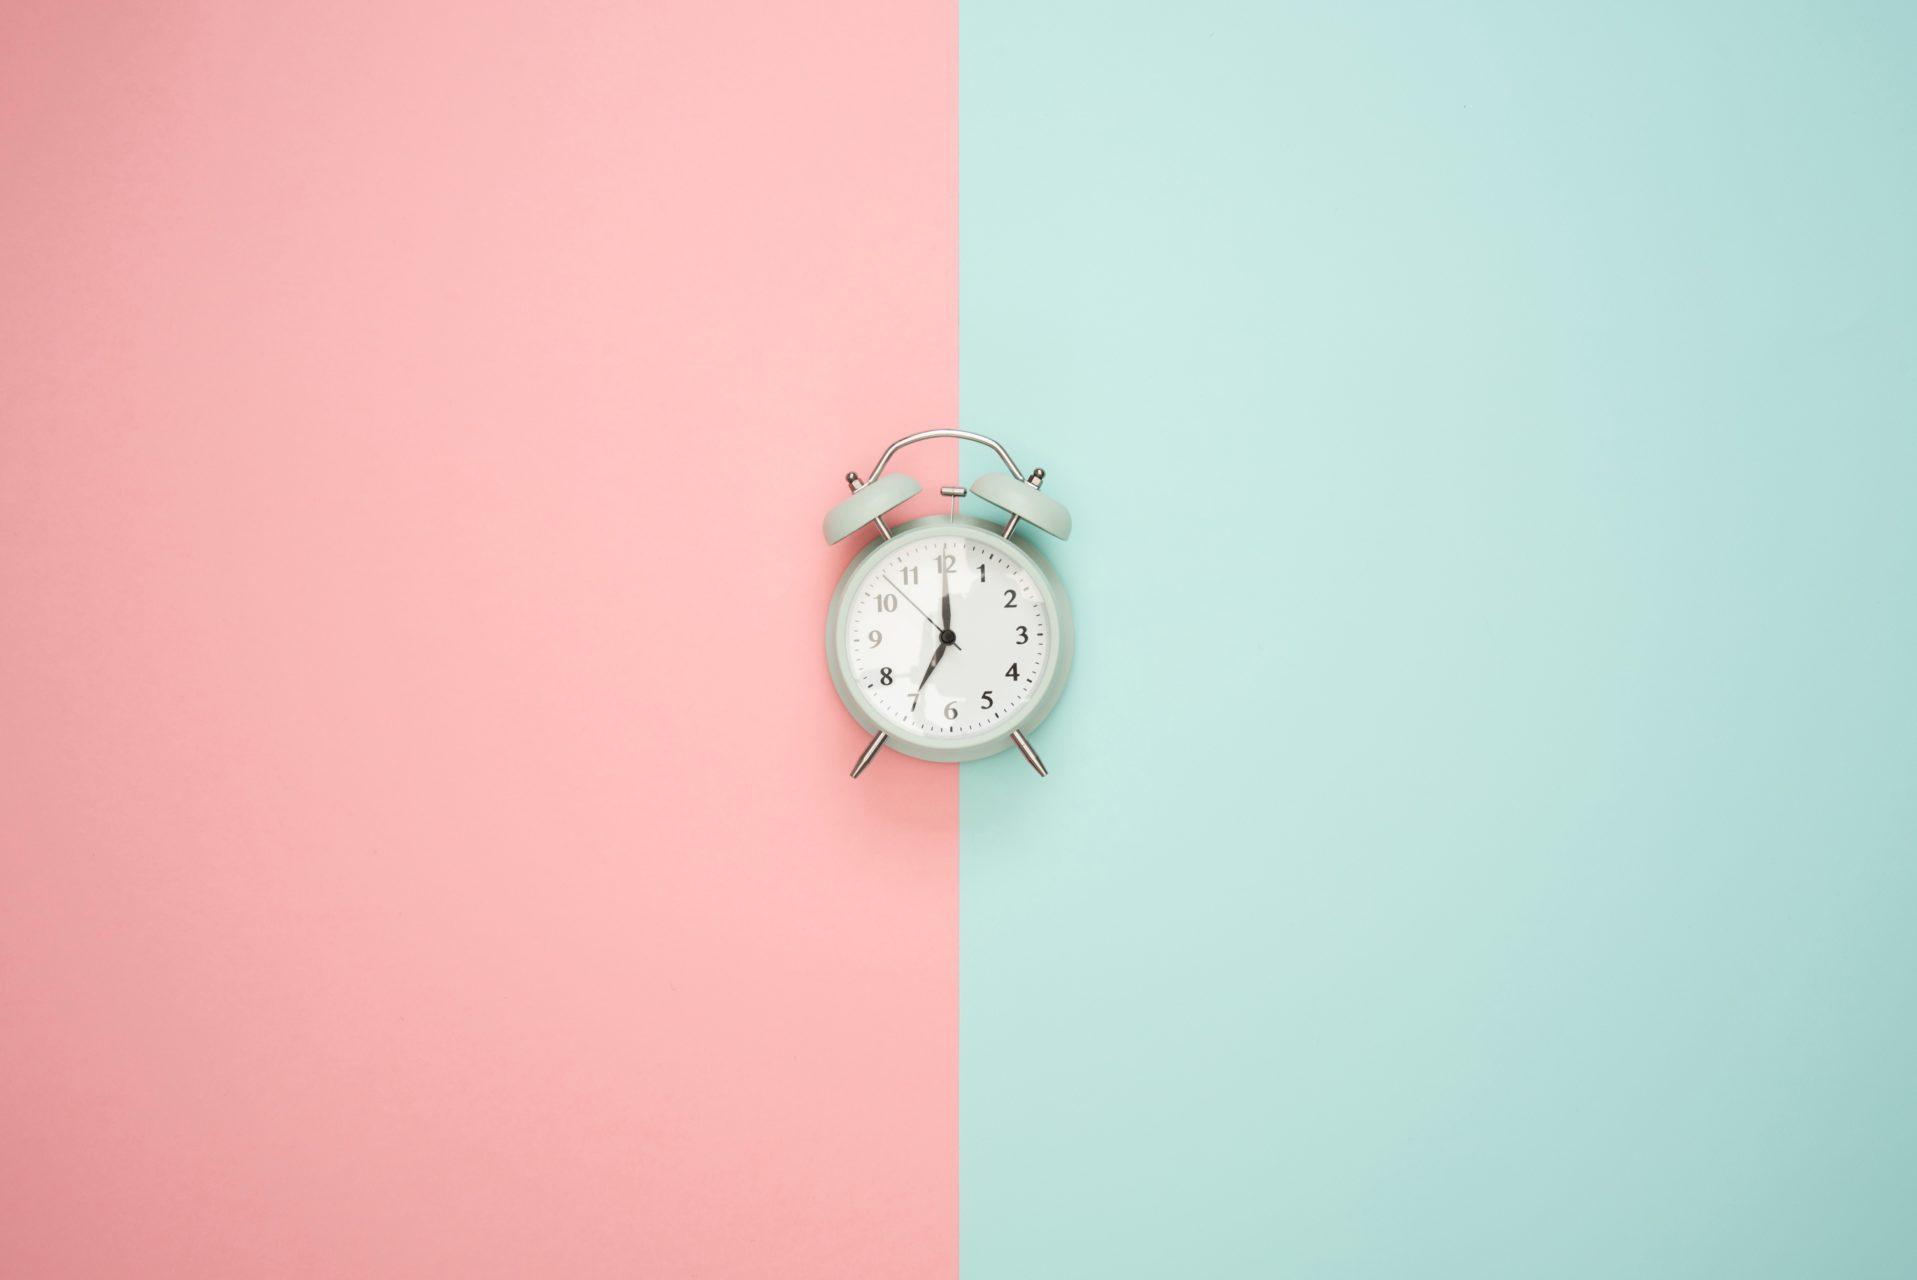 Weet jij hoeveel werkbare uren je wekelijks hebt?